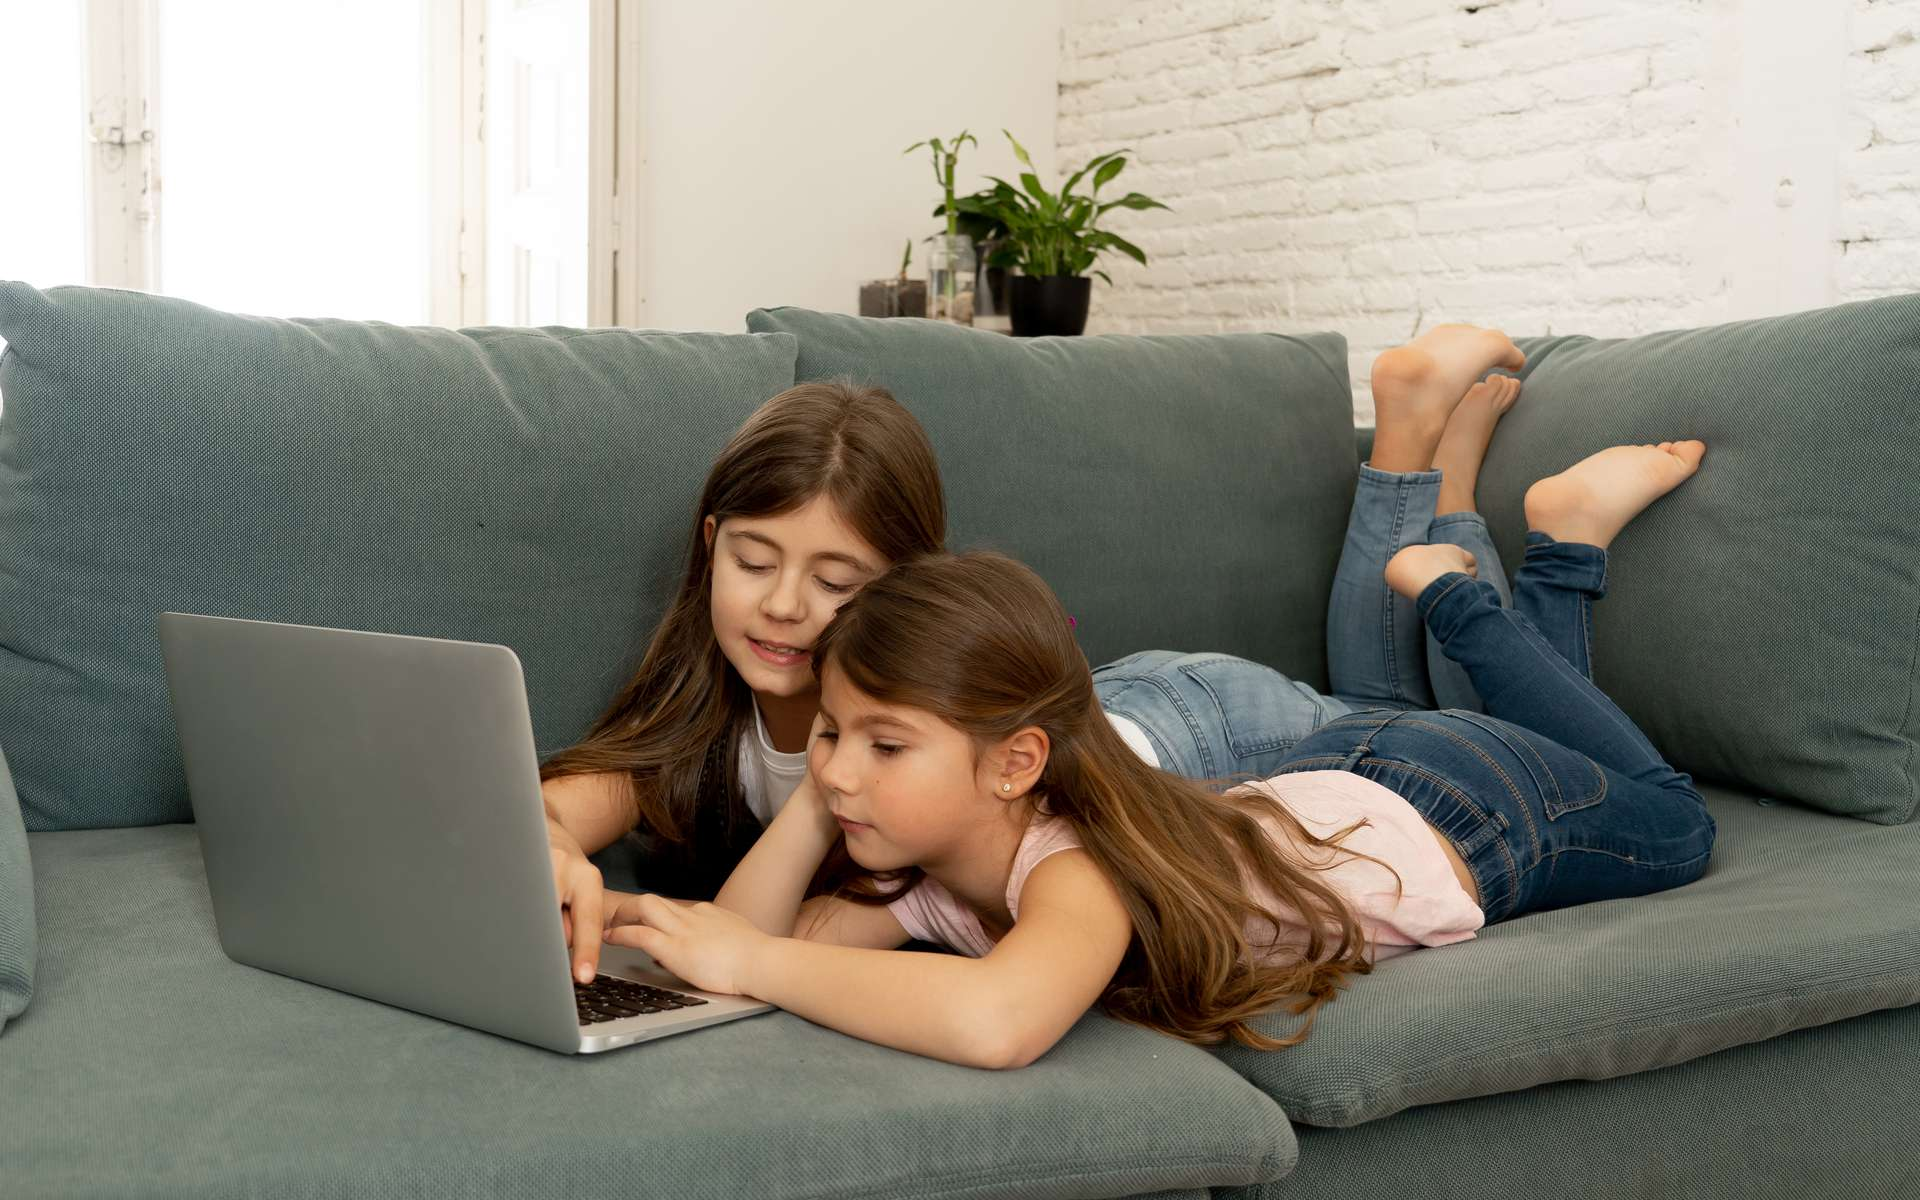 Des applications de contrôle parental permettent de réduire les risques de contenus inappropriés. © Samuel, Adobe Stock